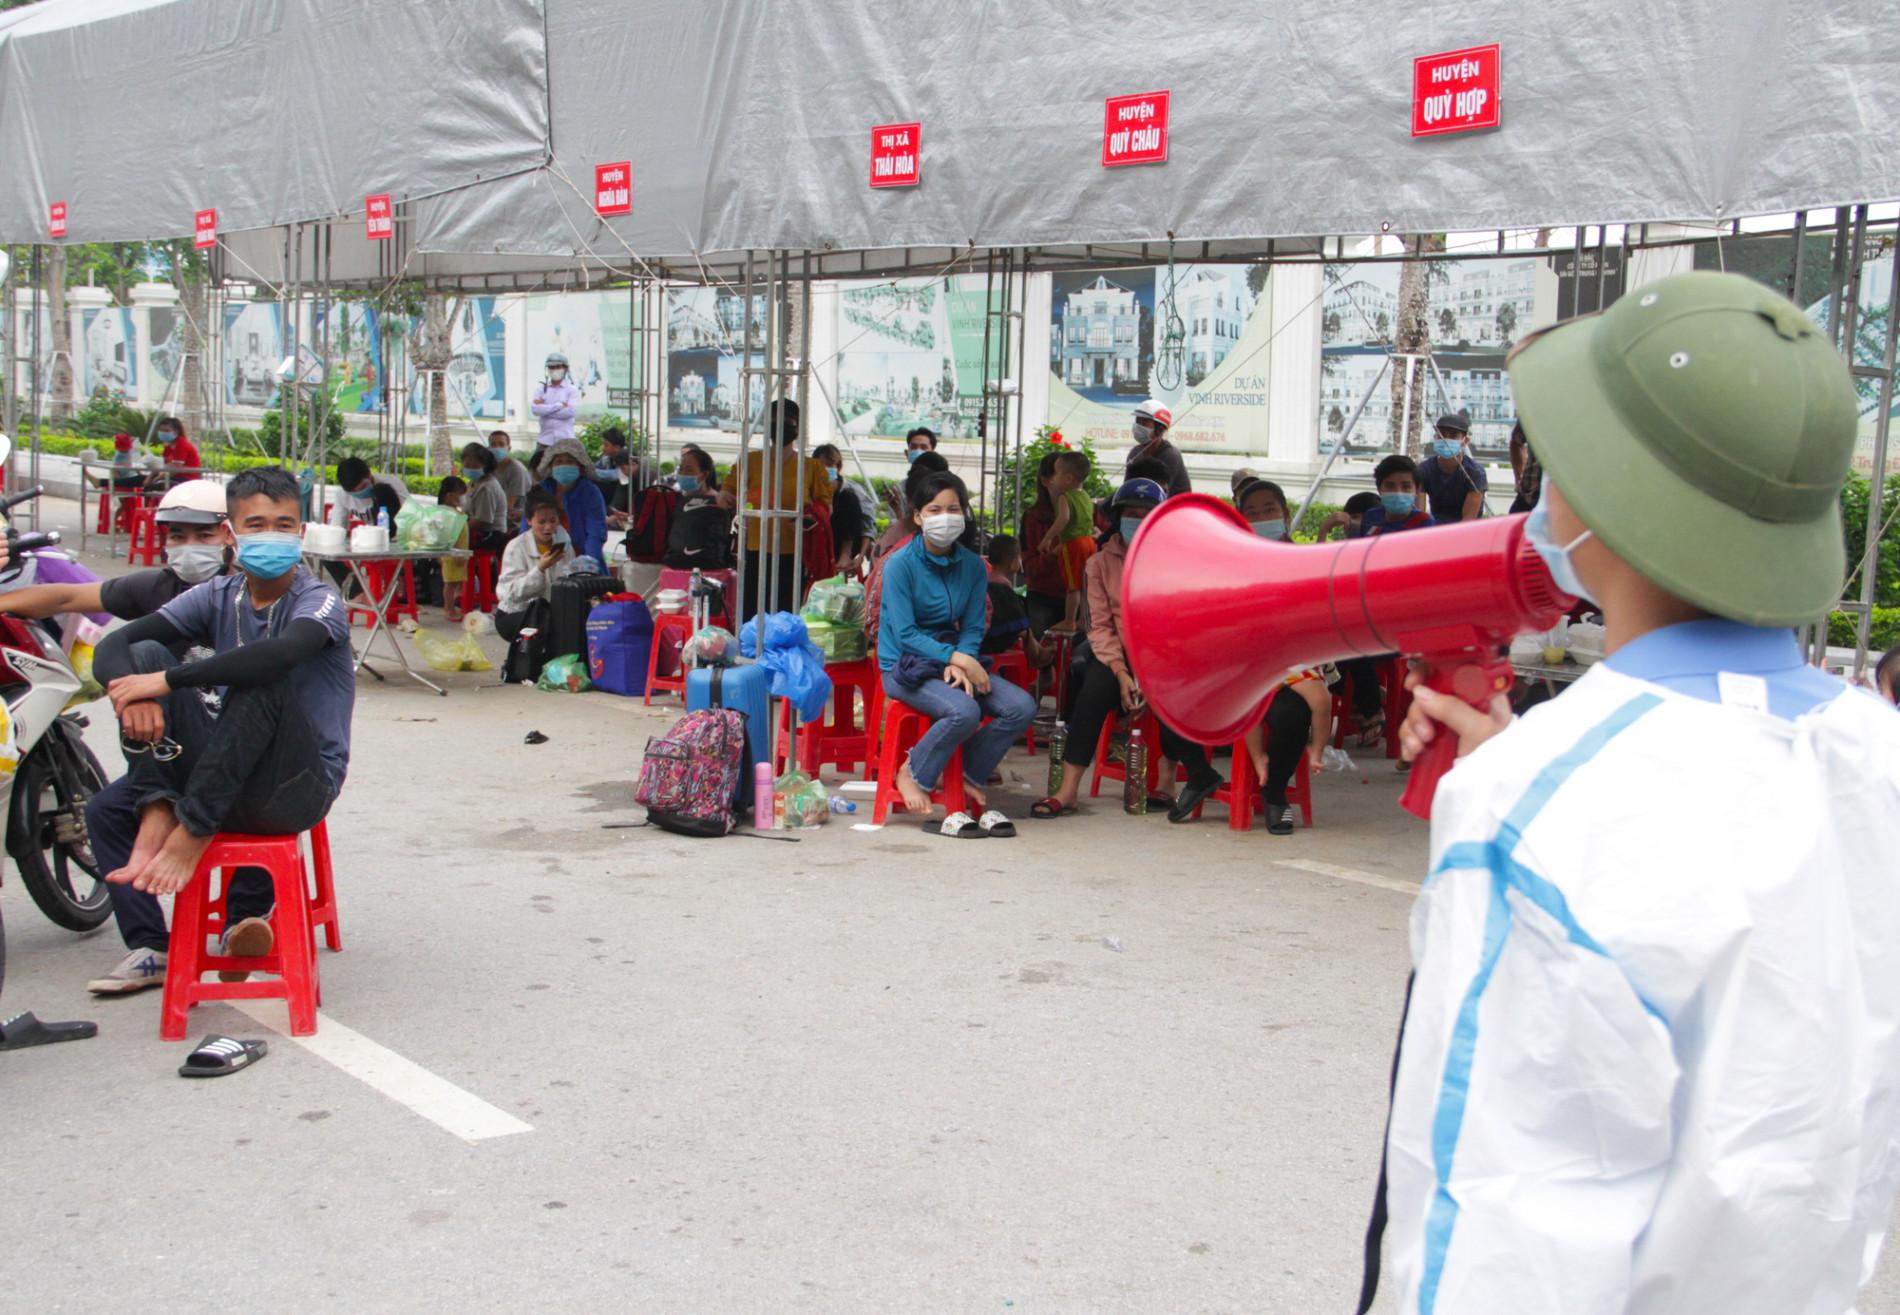 Kiểm tra phản ánh người dân đi xe khách từ miền Nam về Nghệ An bị chém giá 2,5 triệu đồng - Ảnh 1.